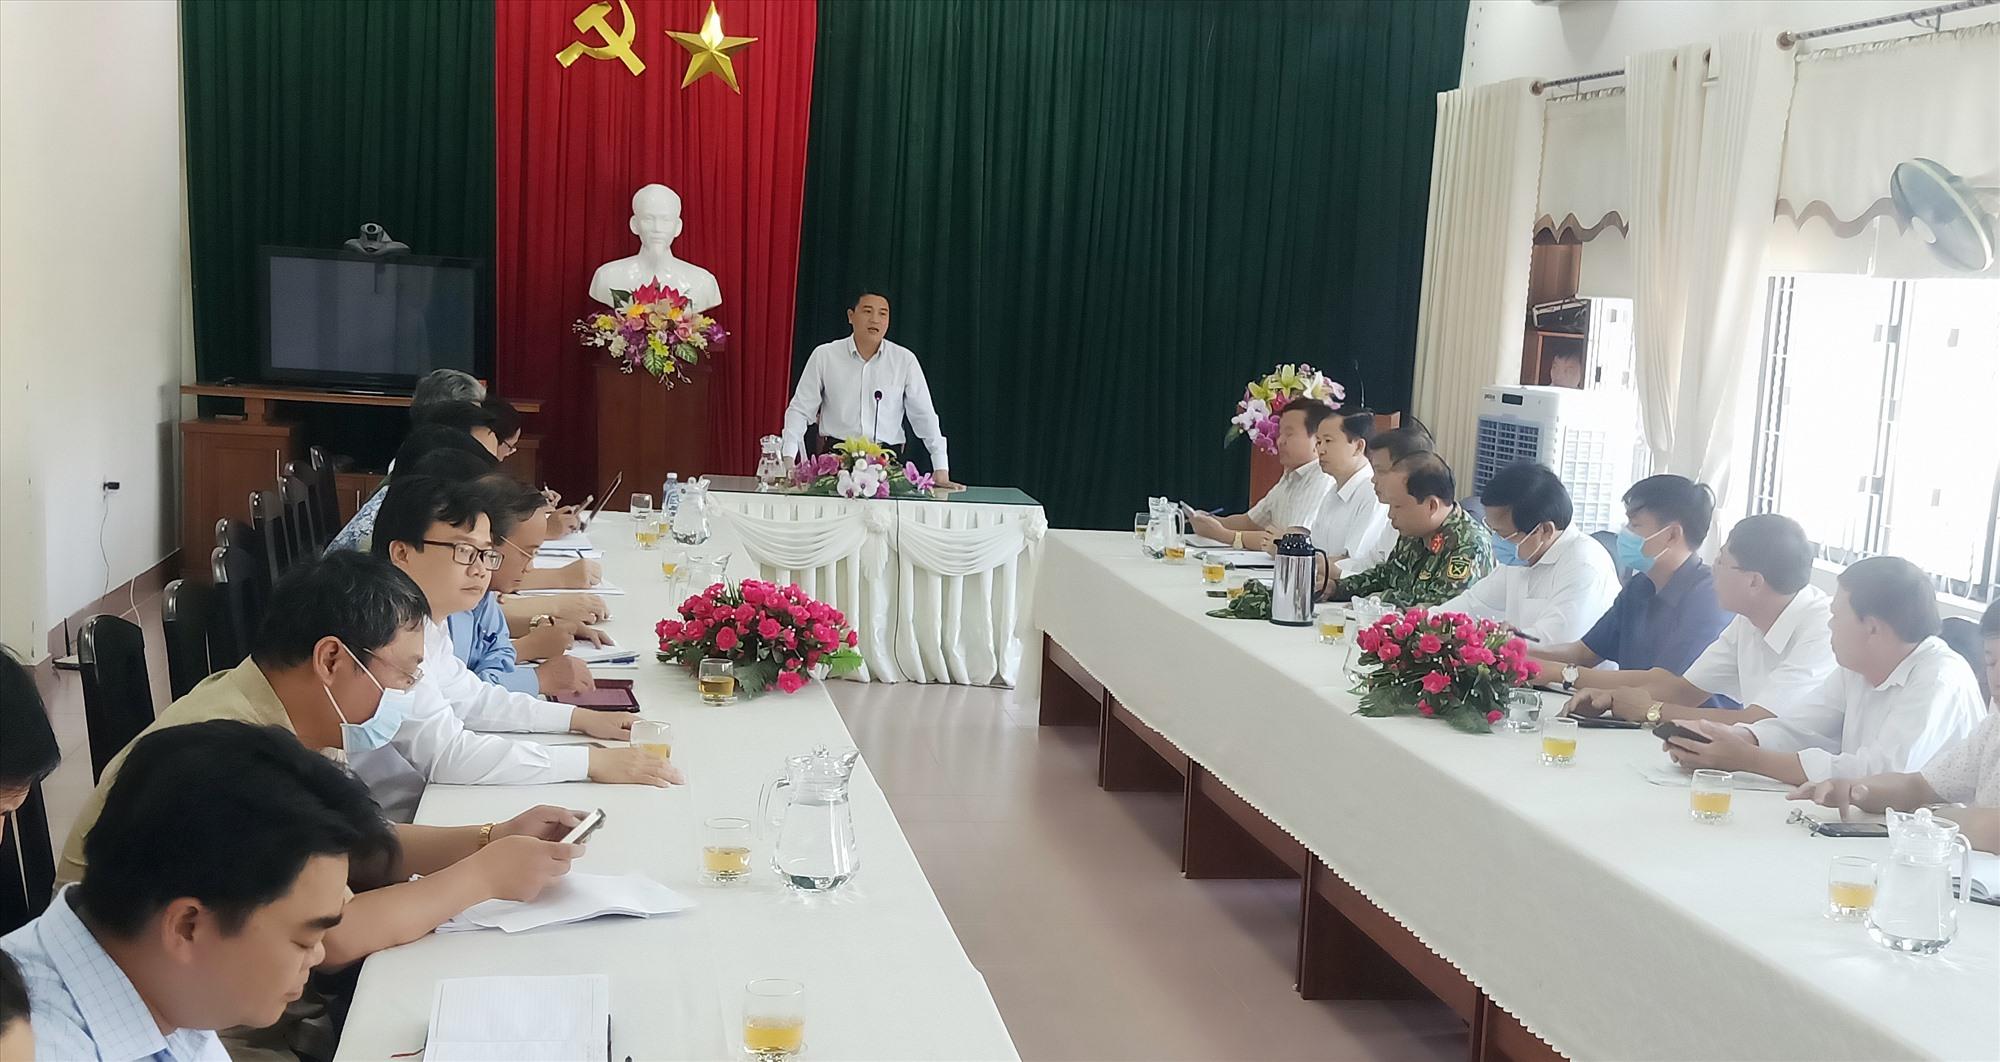 Phó Chủ tịch UBND tỉnh Trần Văn Tân phát biểu chỉ đạo tại buổi làm việc với huyện Đại Lộc về phòng chống dịch Covid-19, ngày 26.7. Ảnh: HOÀNG LIÊN